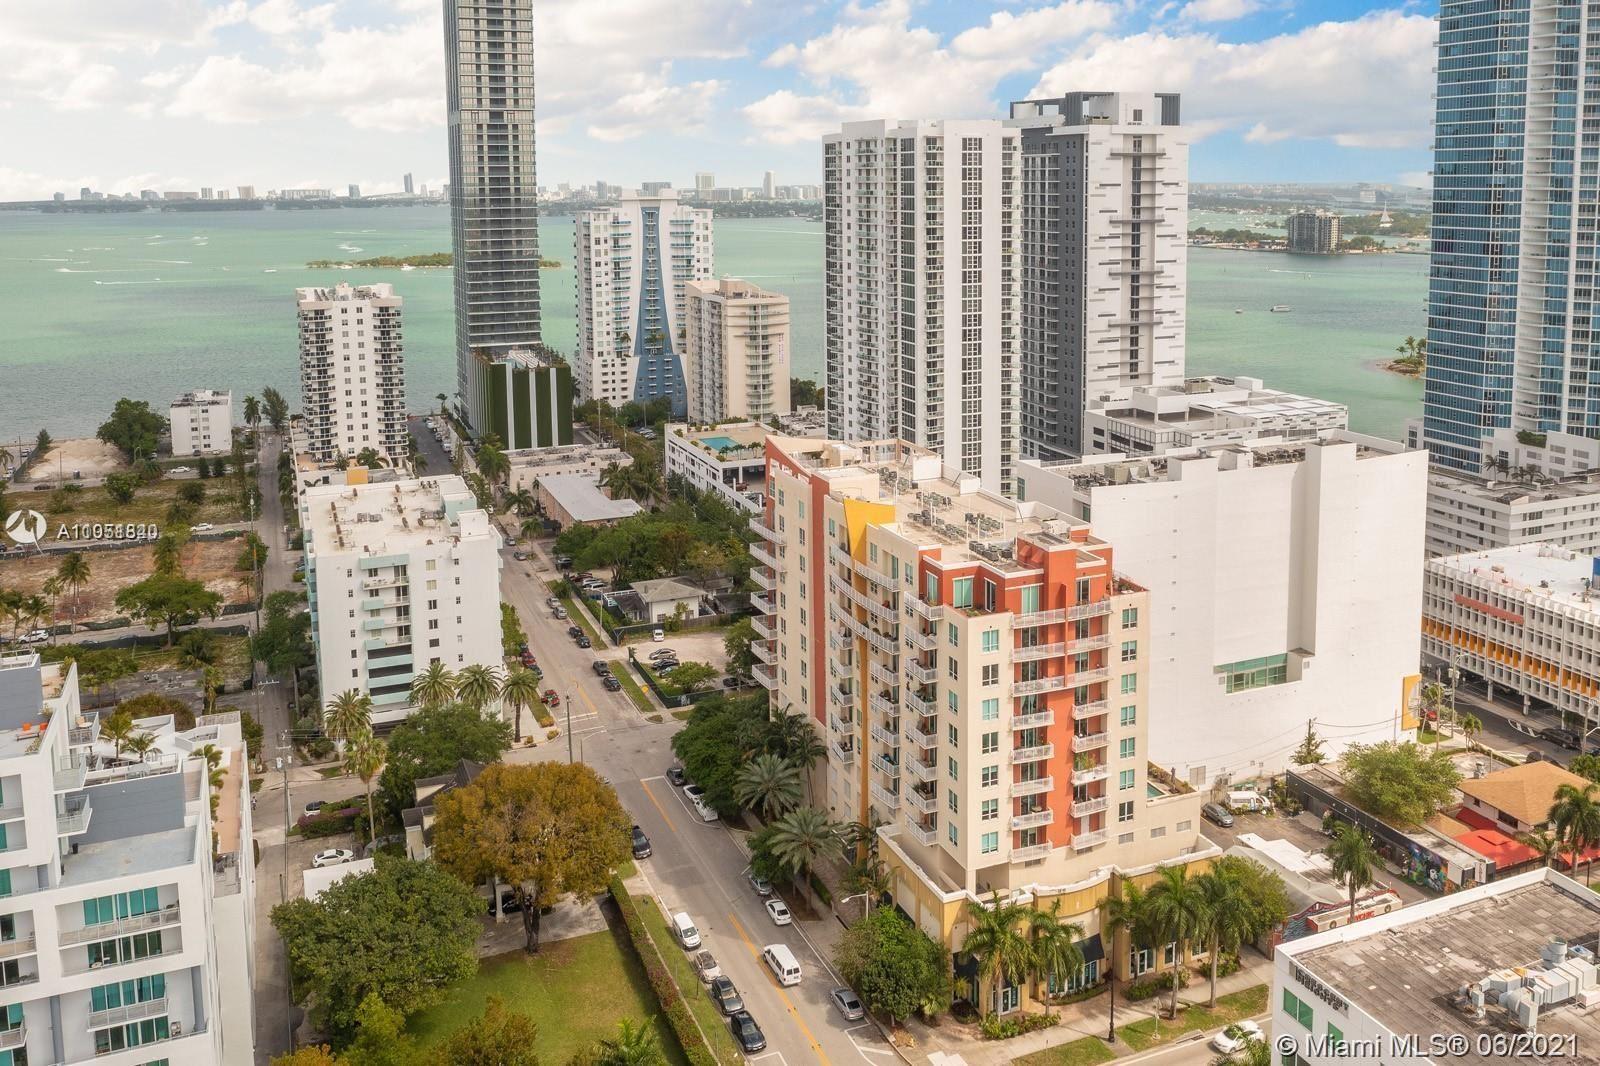 2275 Biscayne Blvd #703, Miami, FL 33137 - #: A11051840